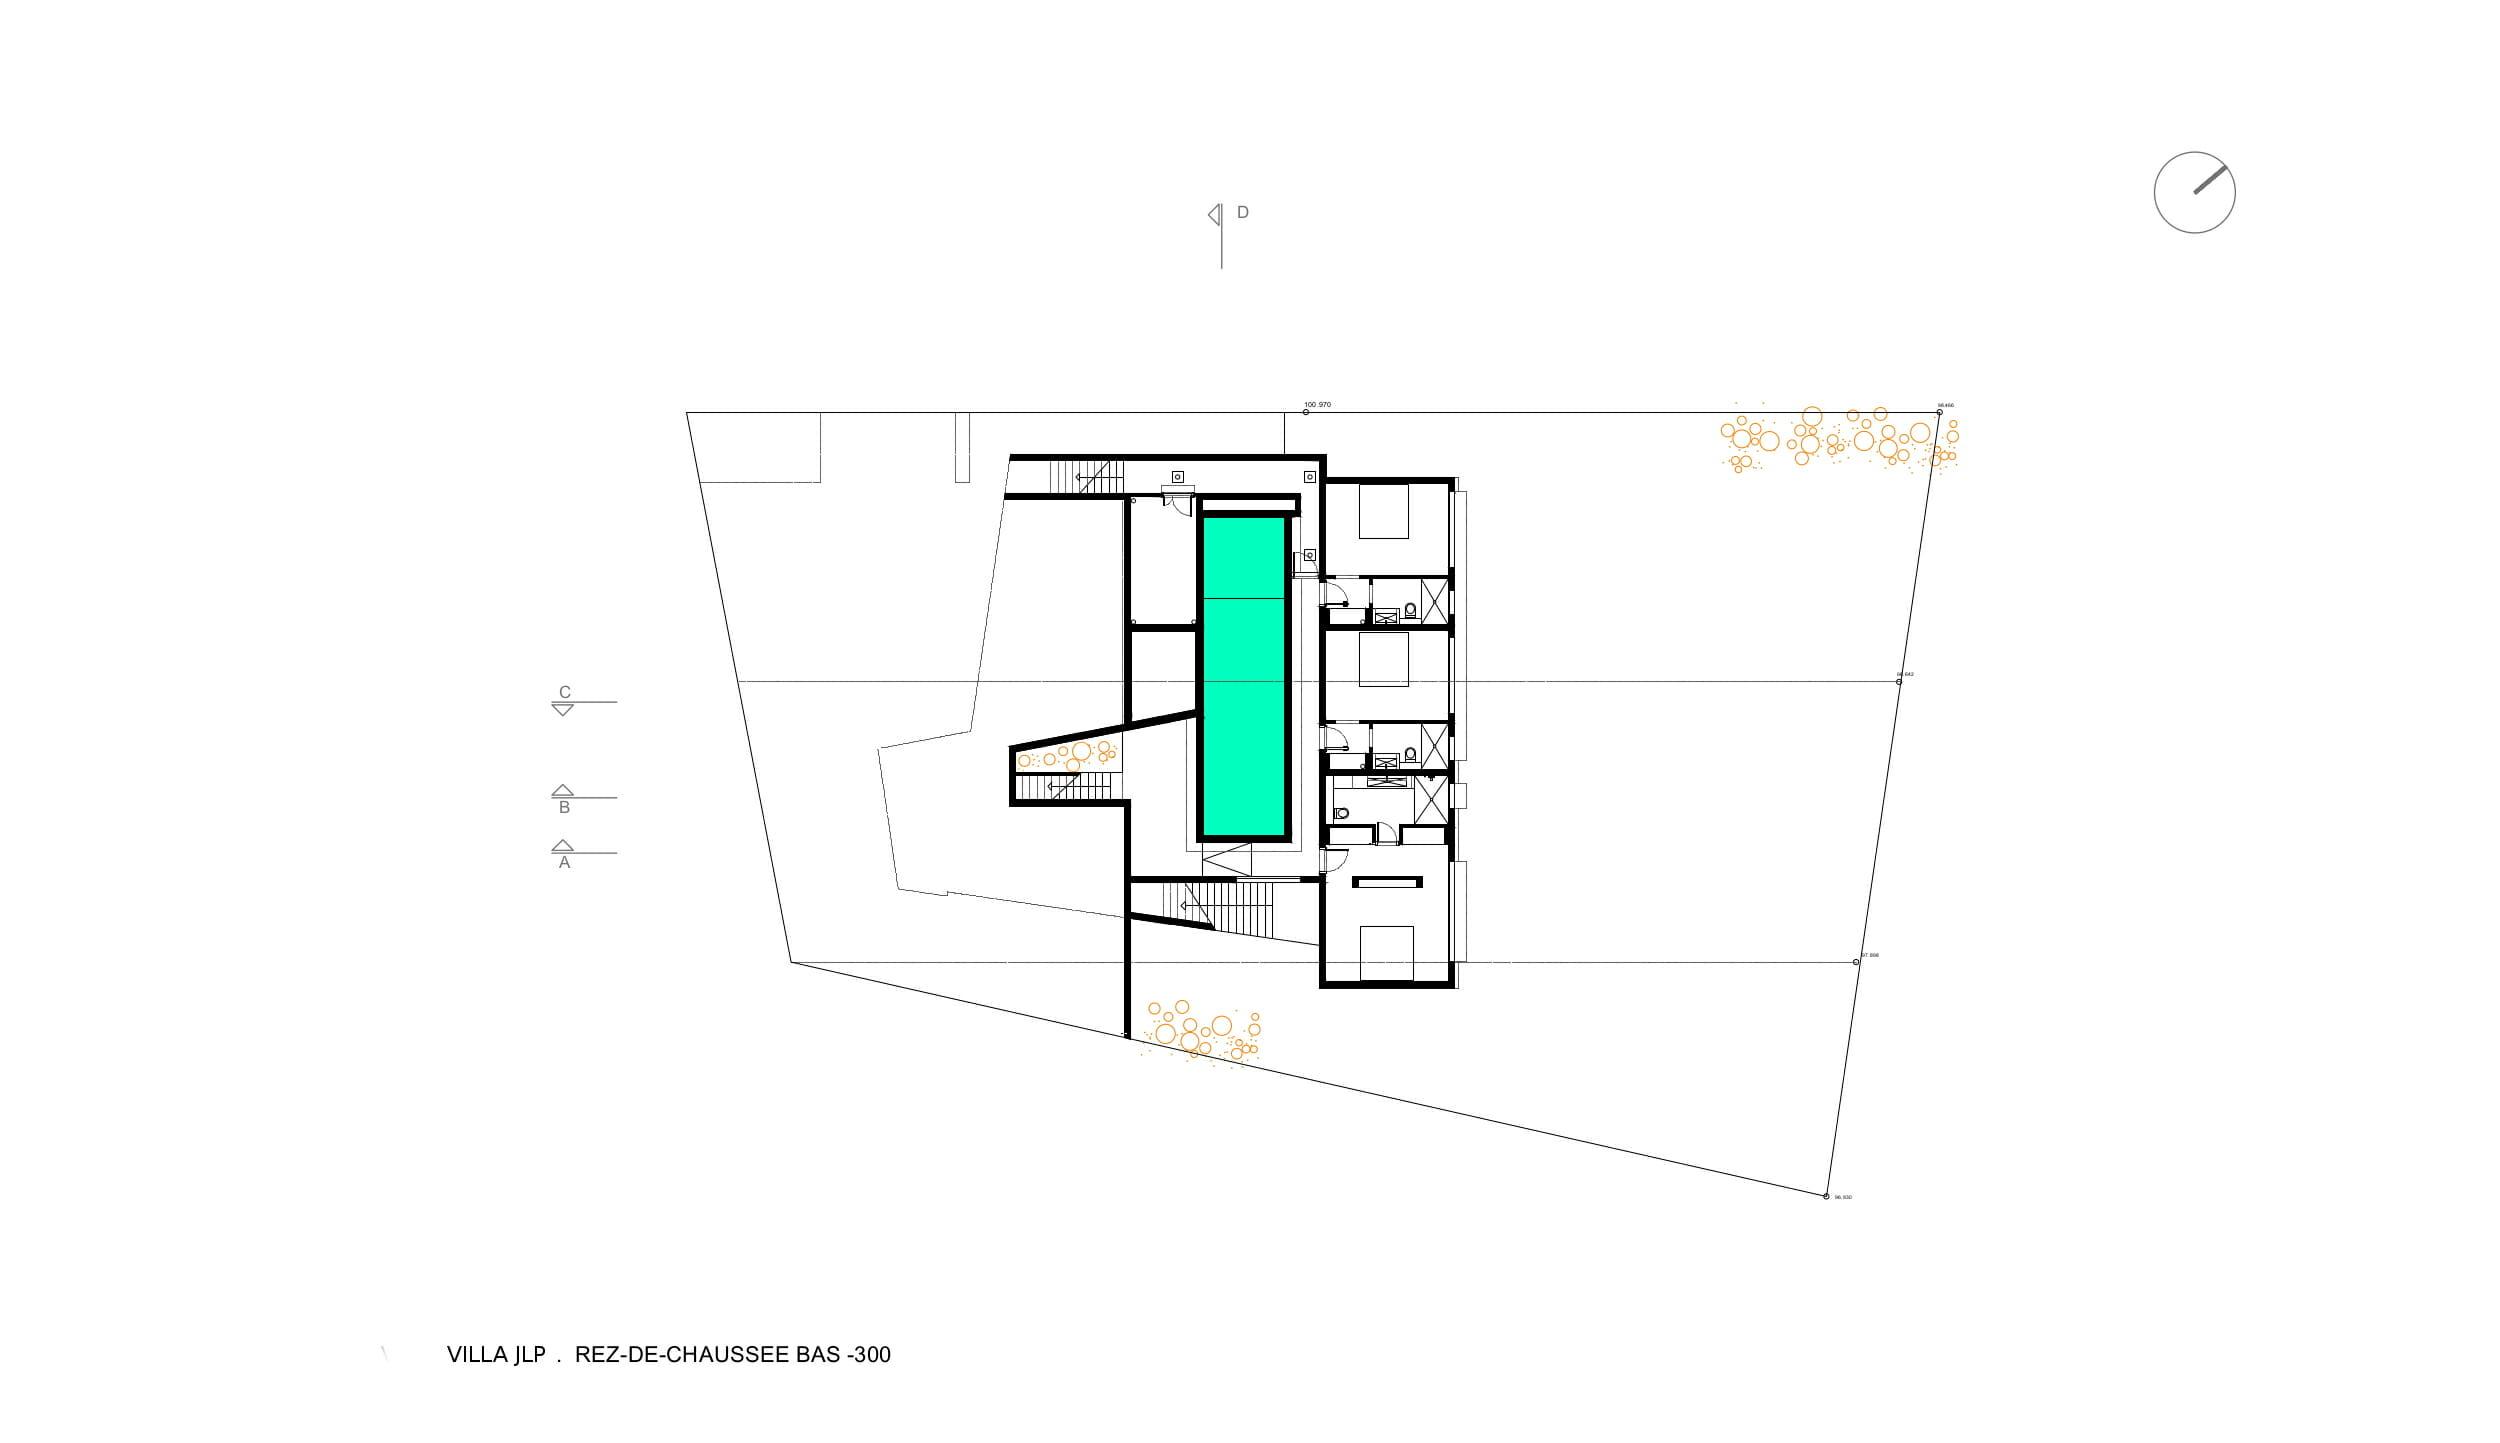 PIQUET.plan-02-rdc-bas